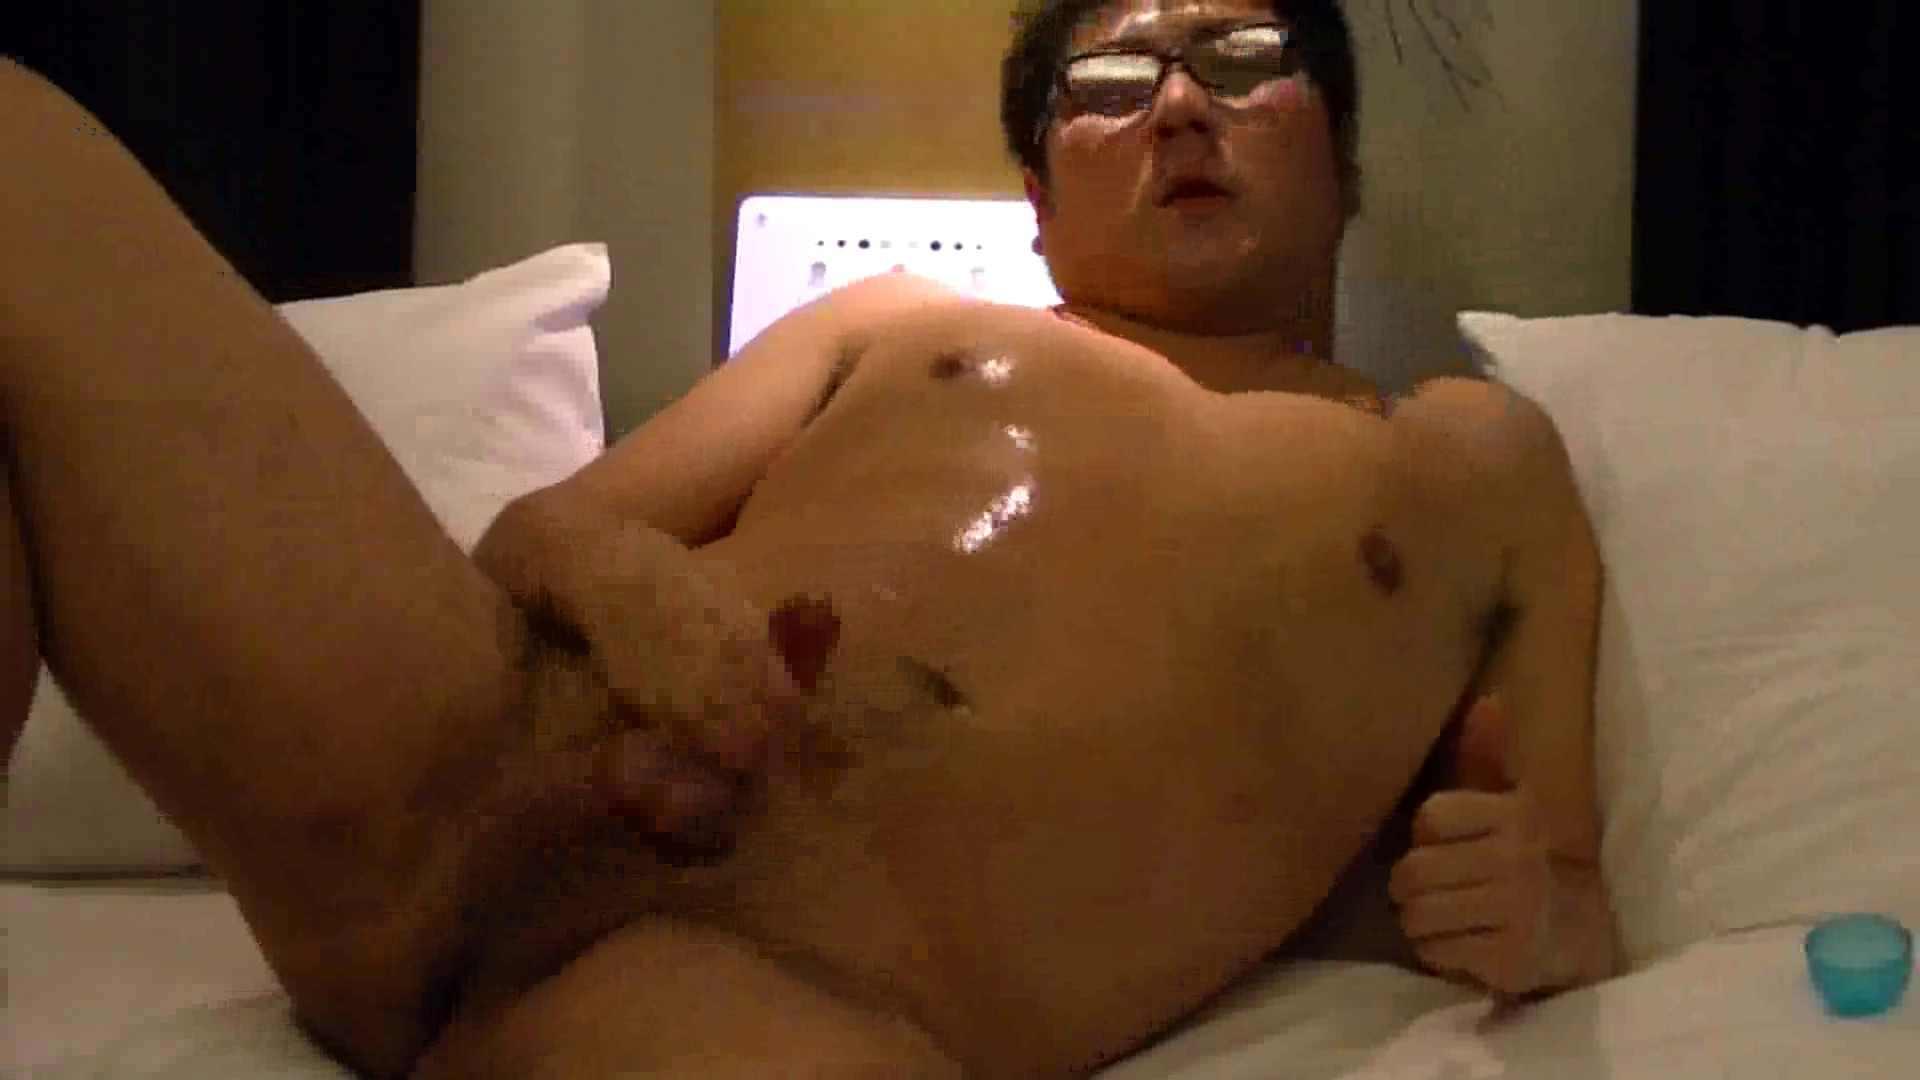 ONA見せカーニバル!! Vol5 オナニー ゲイモロ画像 45pic 26